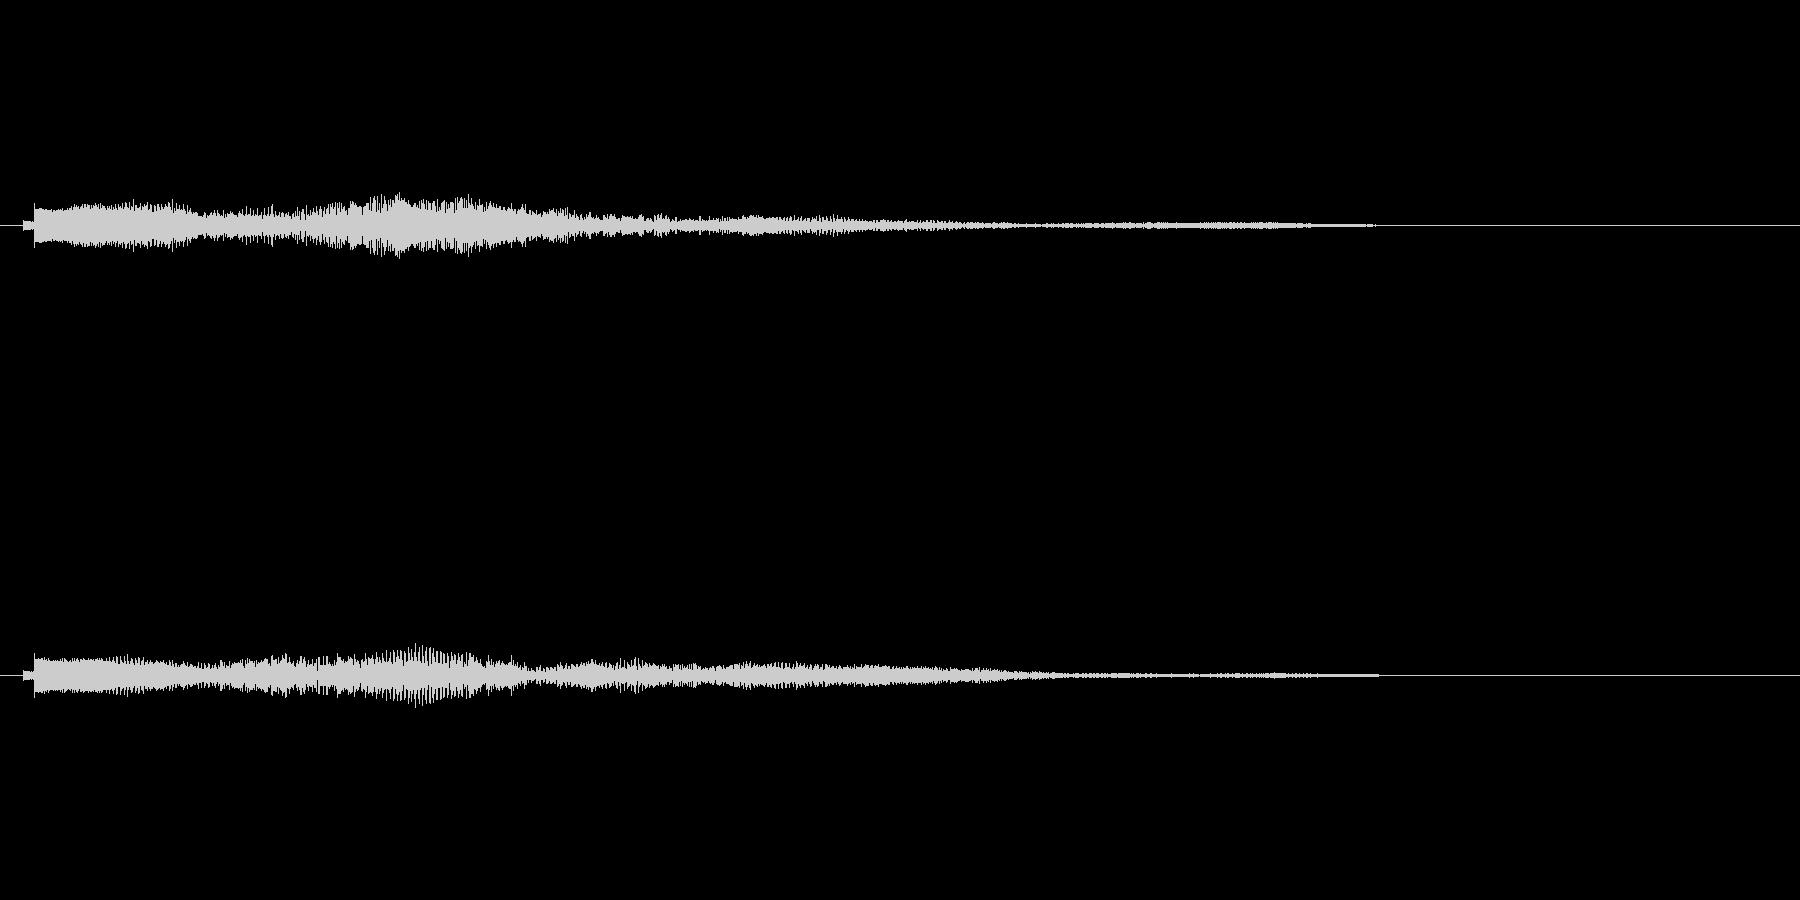 シンセコードによるサウンドロゴ4の未再生の波形